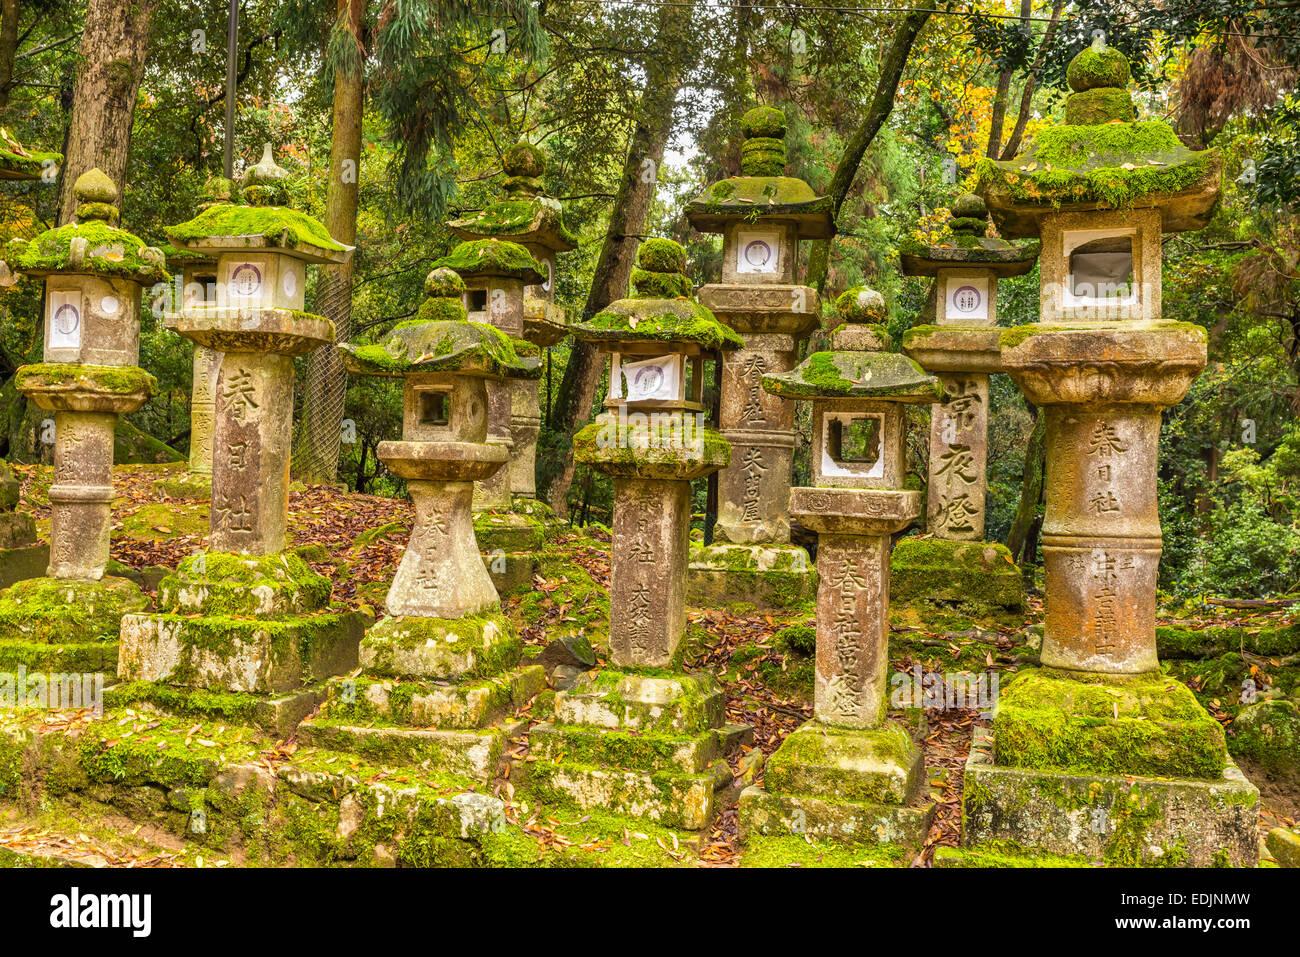 Stone Lantern at Kasuga Taisha in Nara, Japan - Stock Image